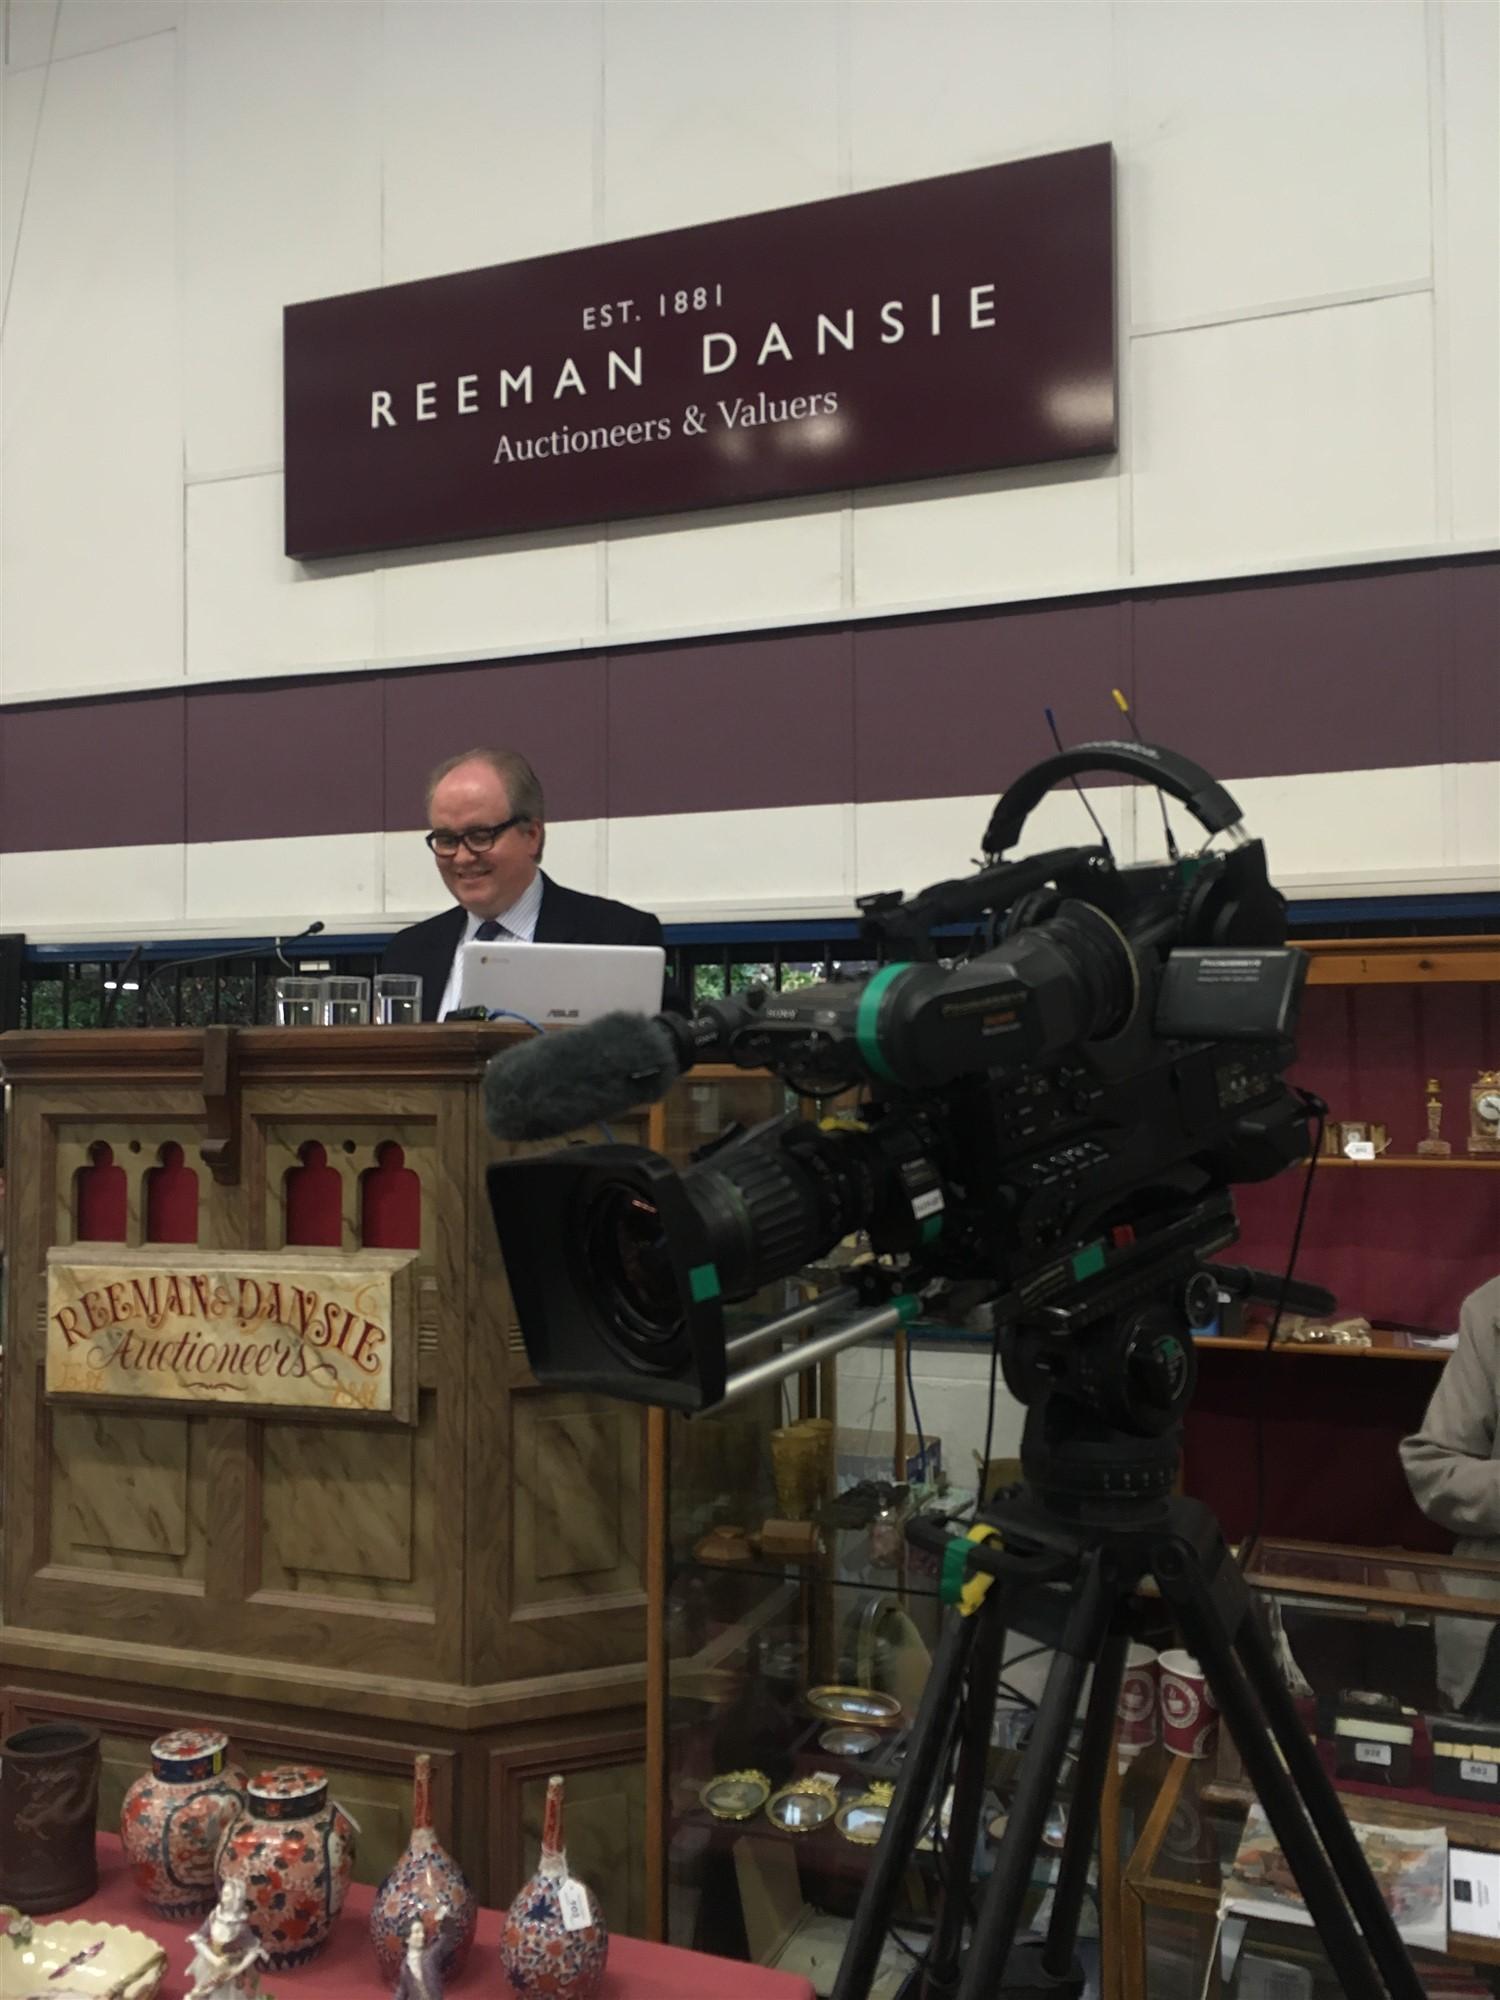 Reeman Dansie filmed as part of BBC's Antique Road Trip